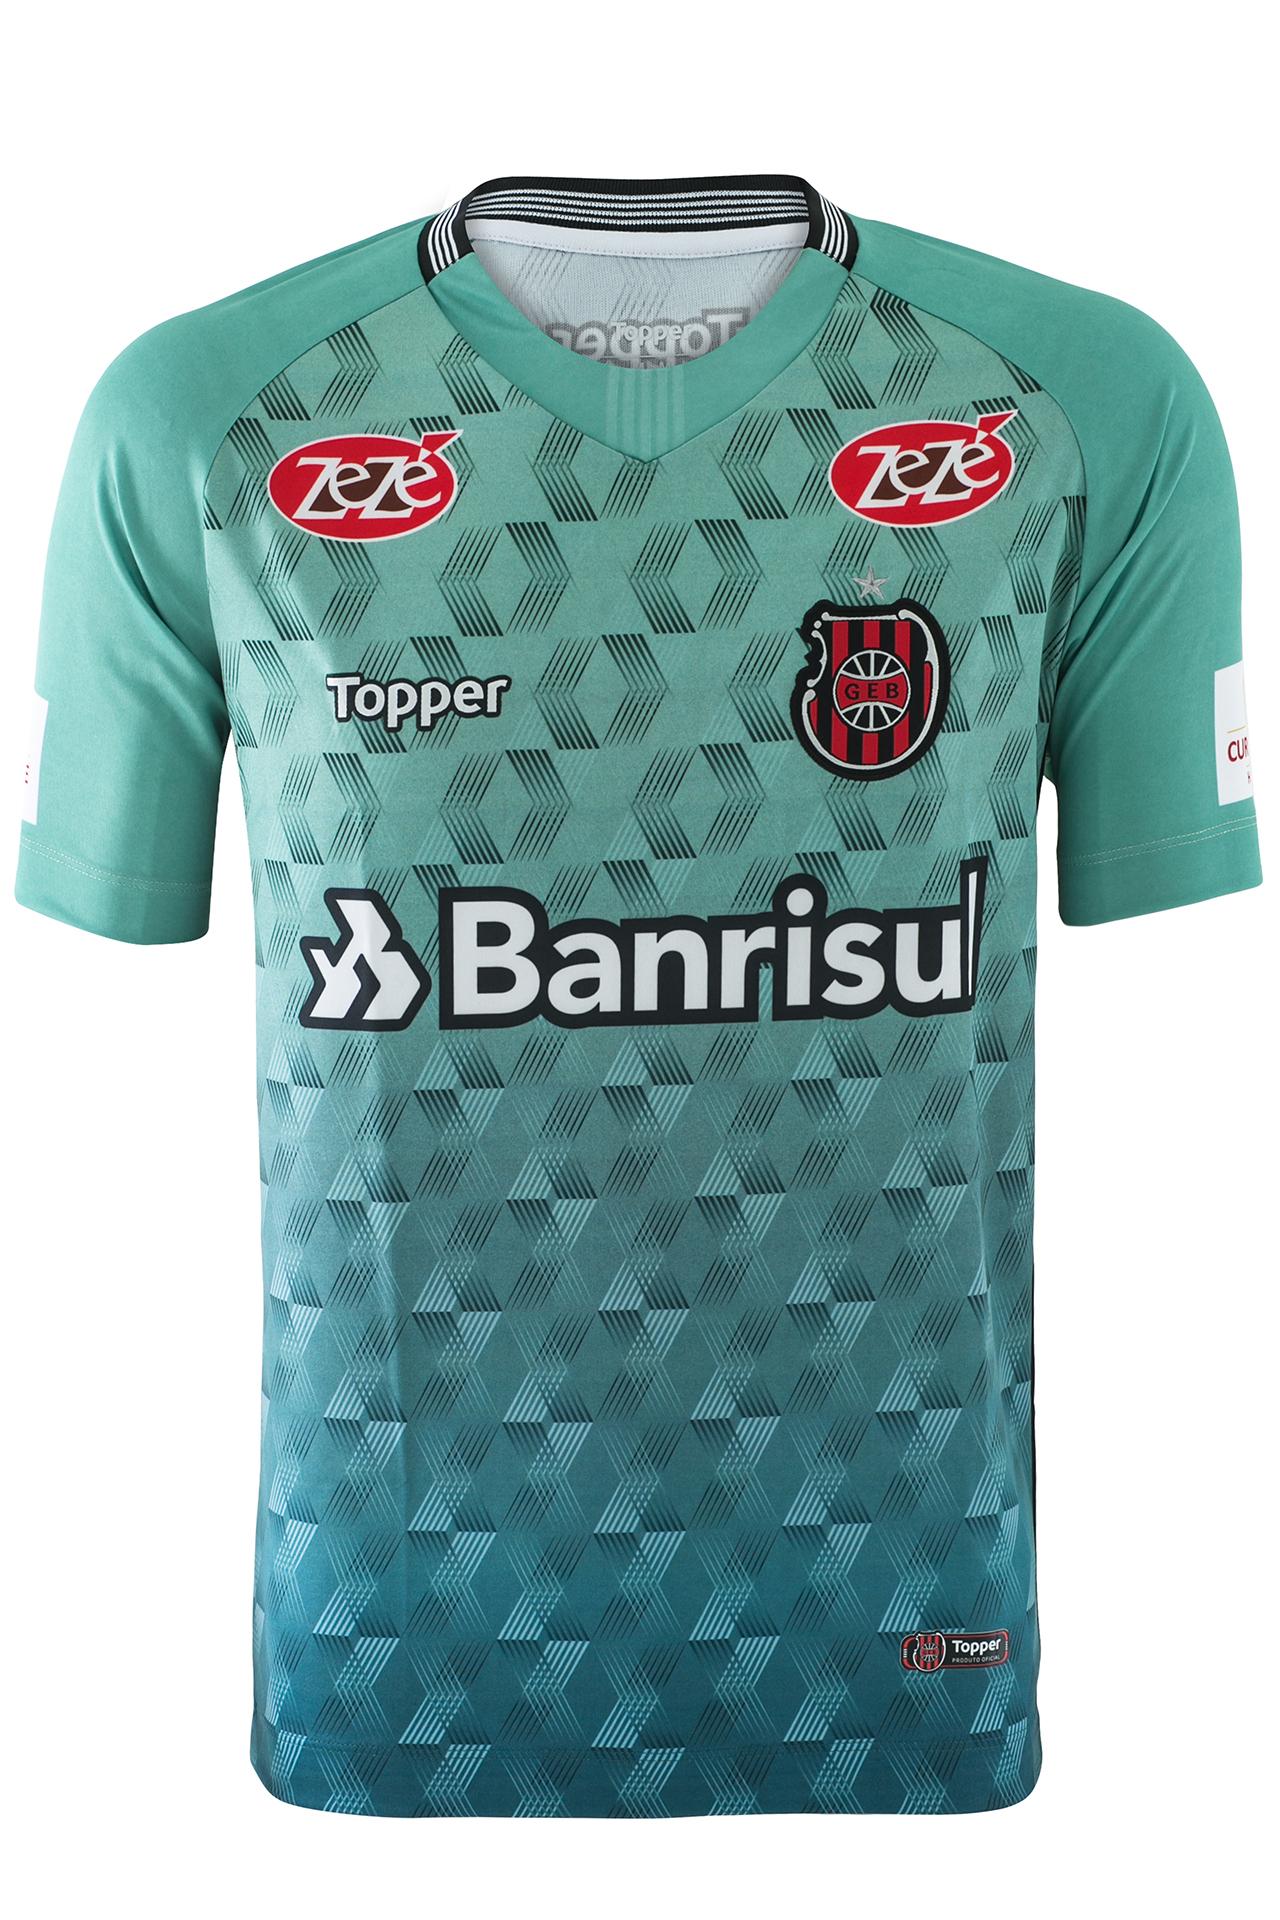 9564199a354db Barcelona lançará a  camisa mais polêmica de todos os tempos ...